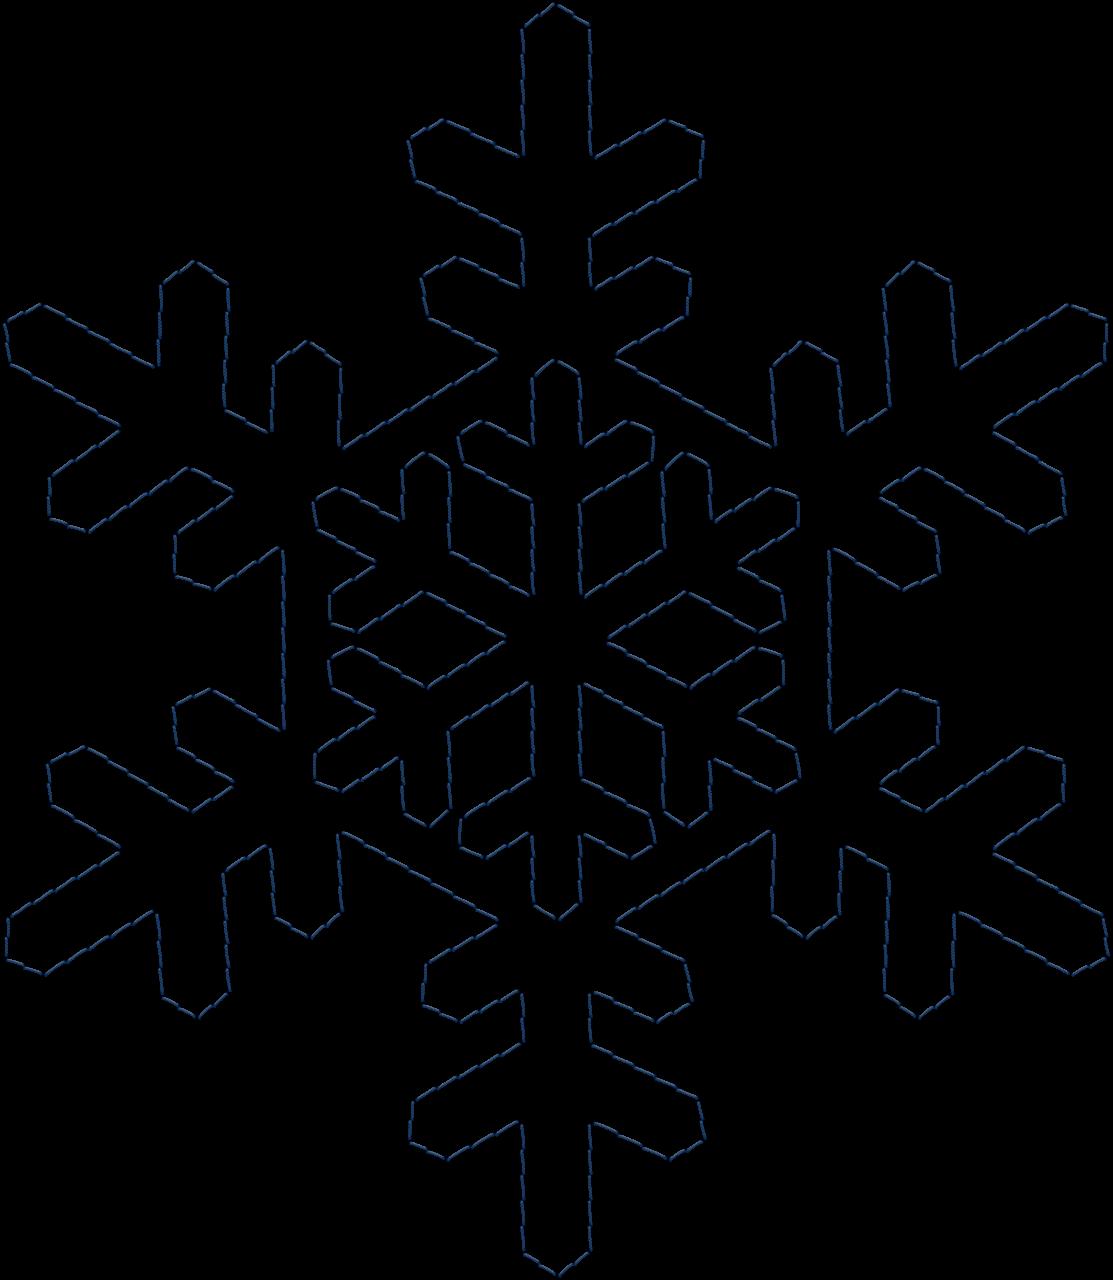 0_1154af_d7e1331b_orig (1113×1280)   Снежинки   Pinterest